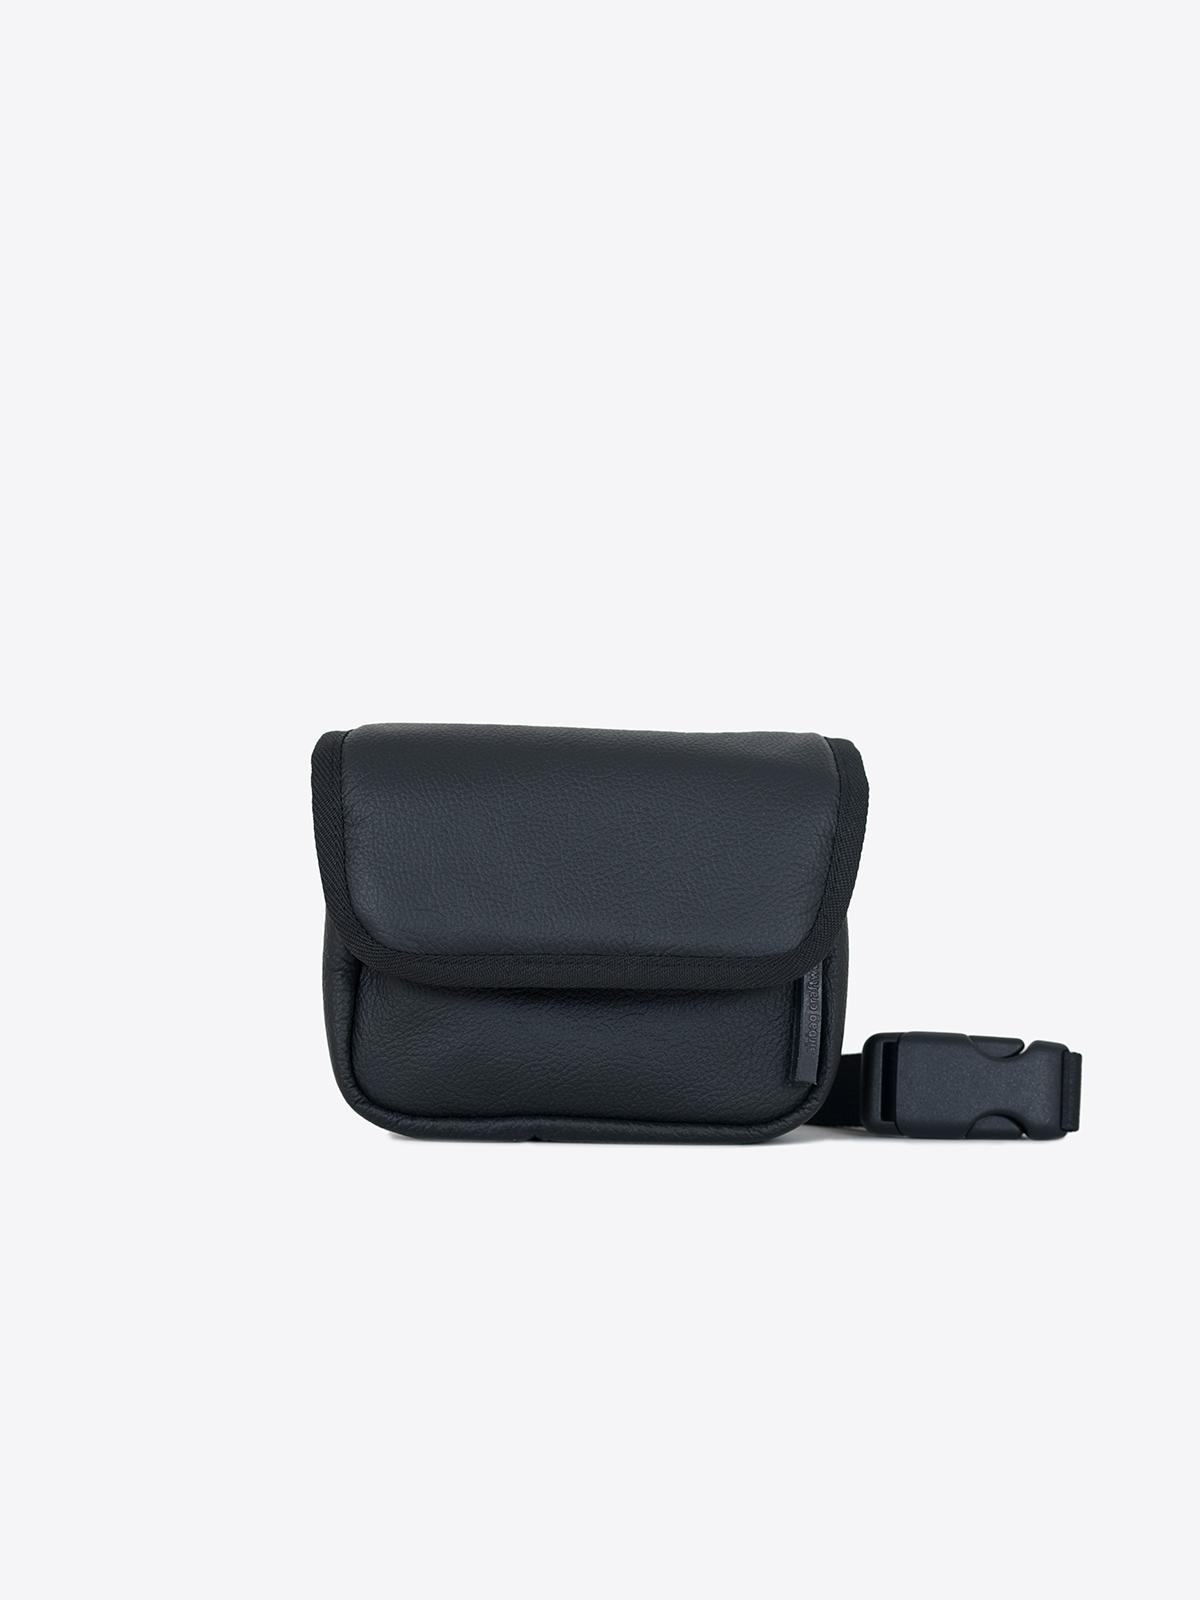 airbag craftworks zip | dlx